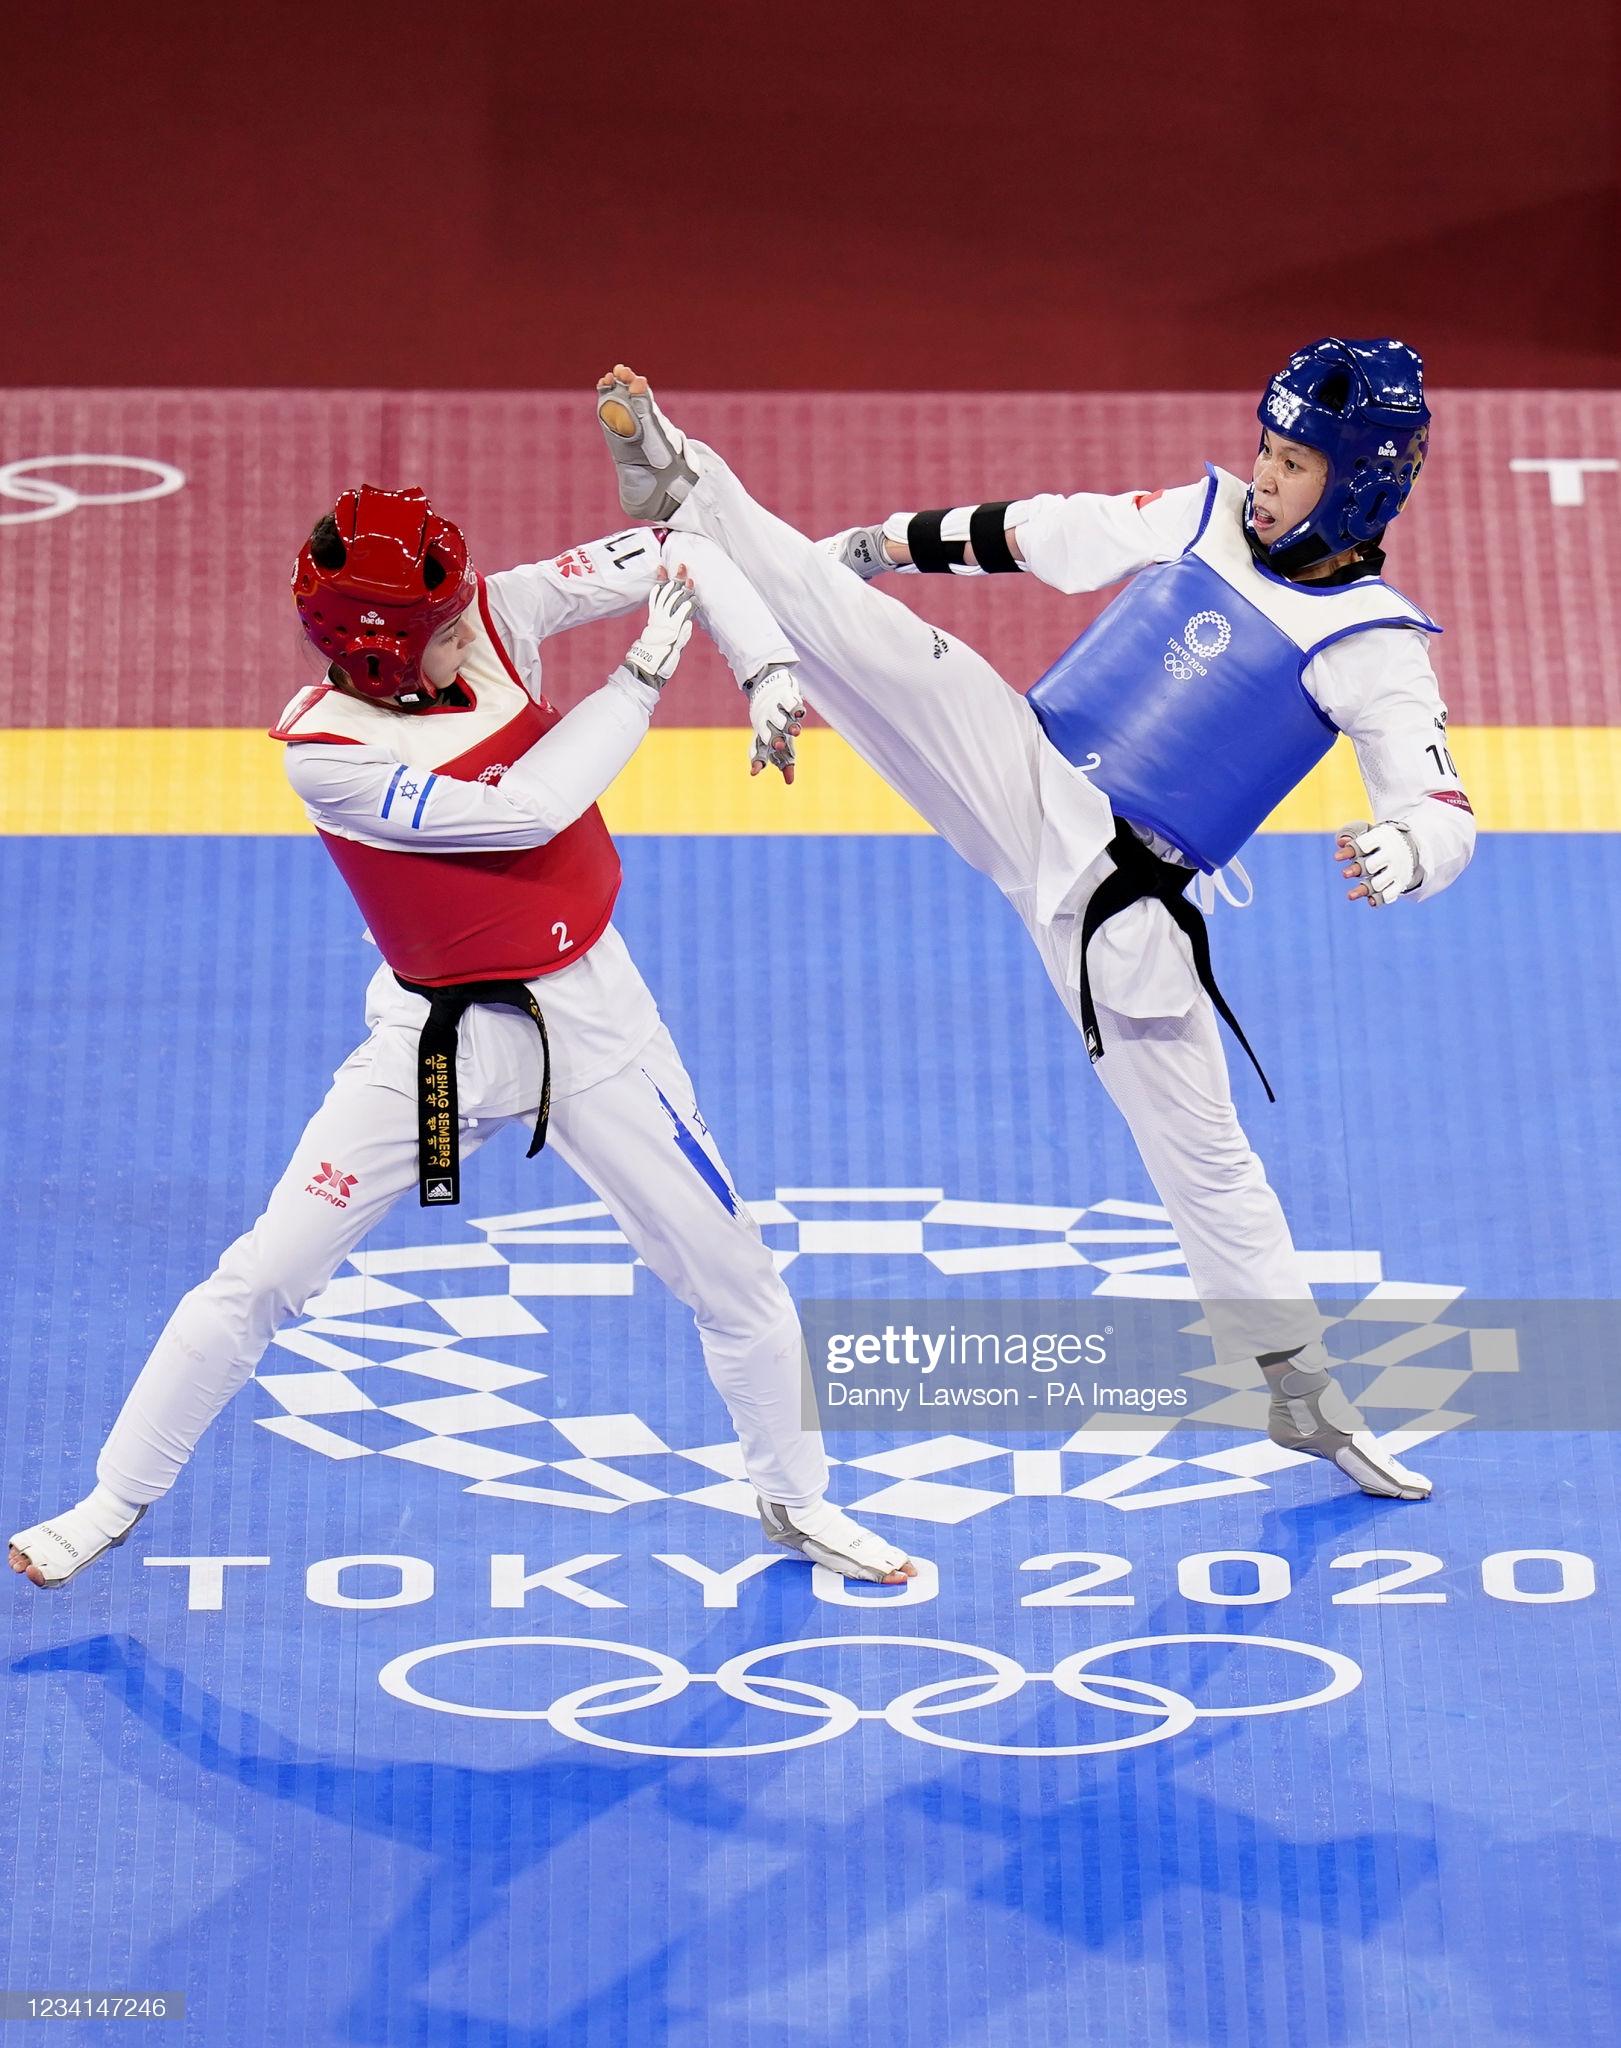 Nỗ lực đến đổ máu, Kim Tuyền (Taekwondo) phải dừng bước tiếc nuối ở Olympic Tokyo 2020 - Ảnh 9.